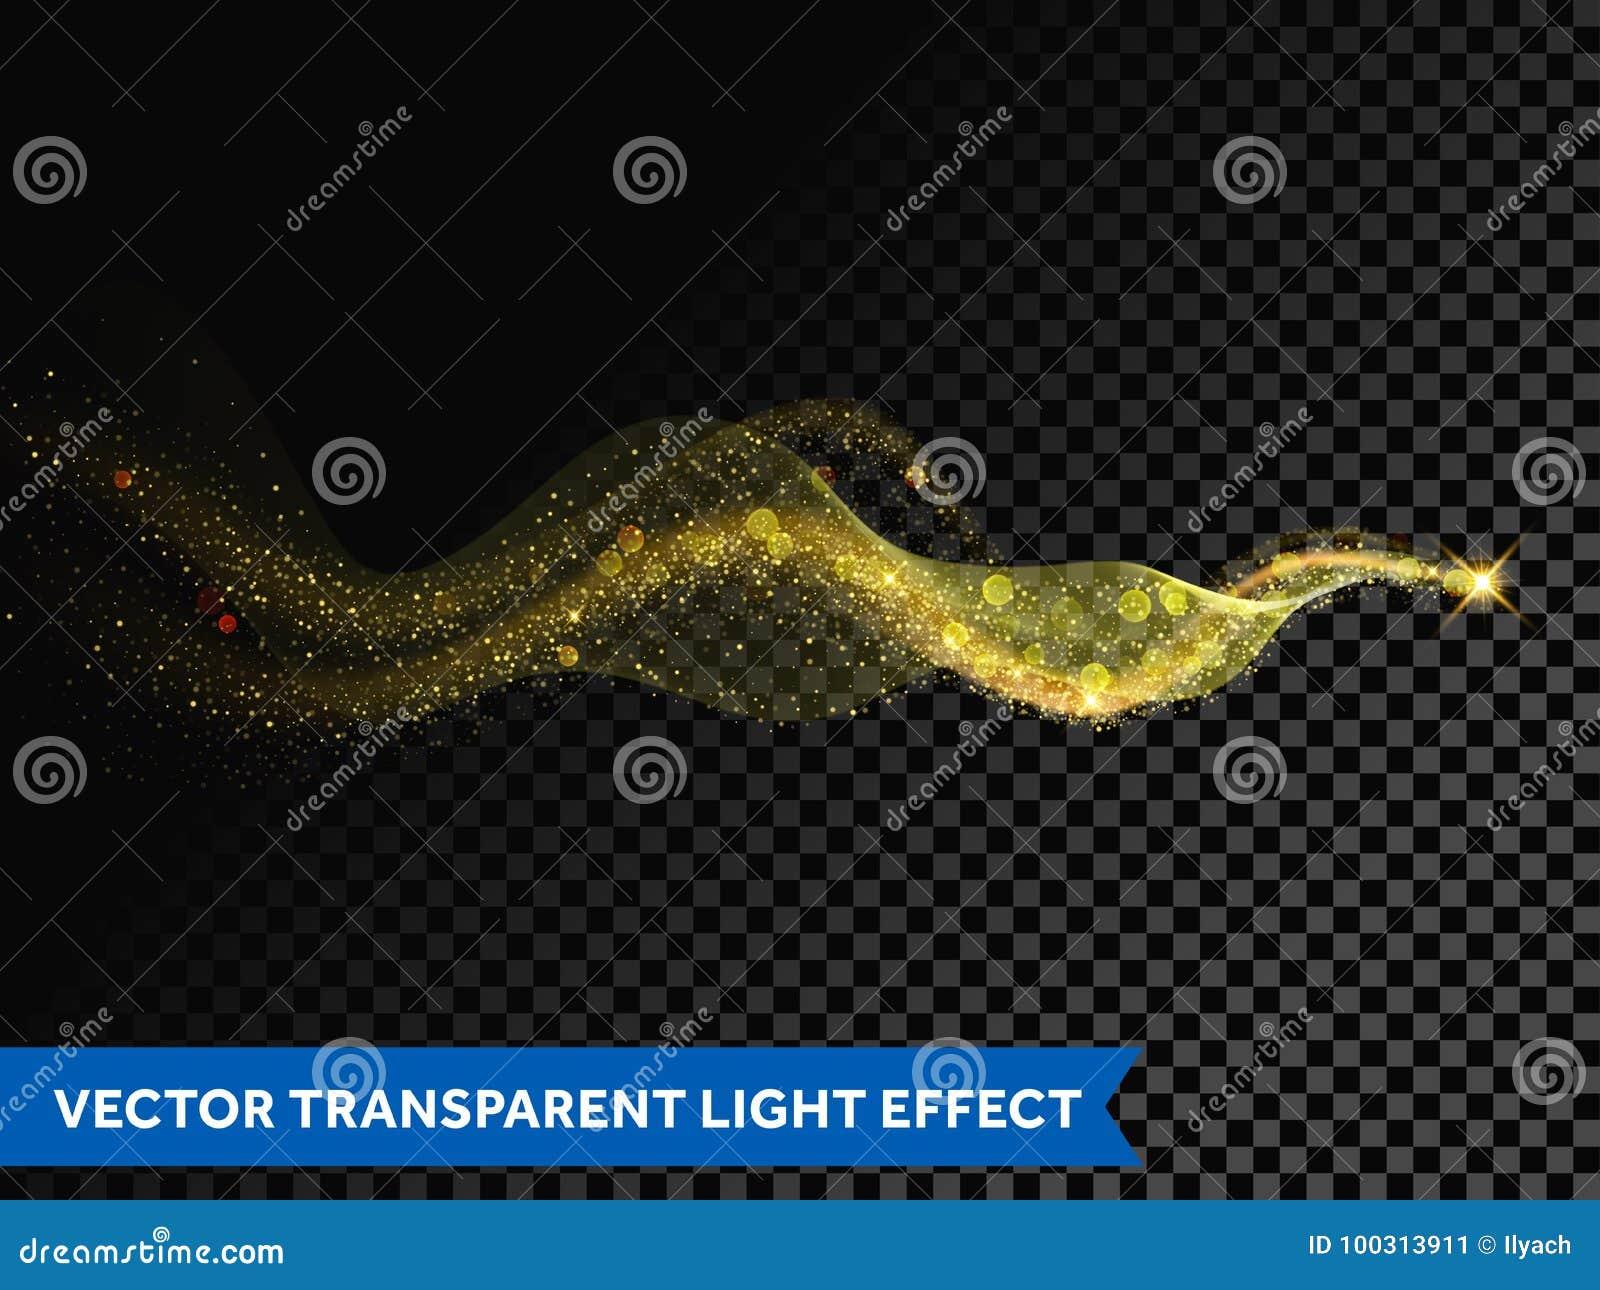 灯光管制线金不可思议的闪闪发光足迹波浪作用对透明背景 传染媒介闪烁光微粒飘动踪影和bokeh